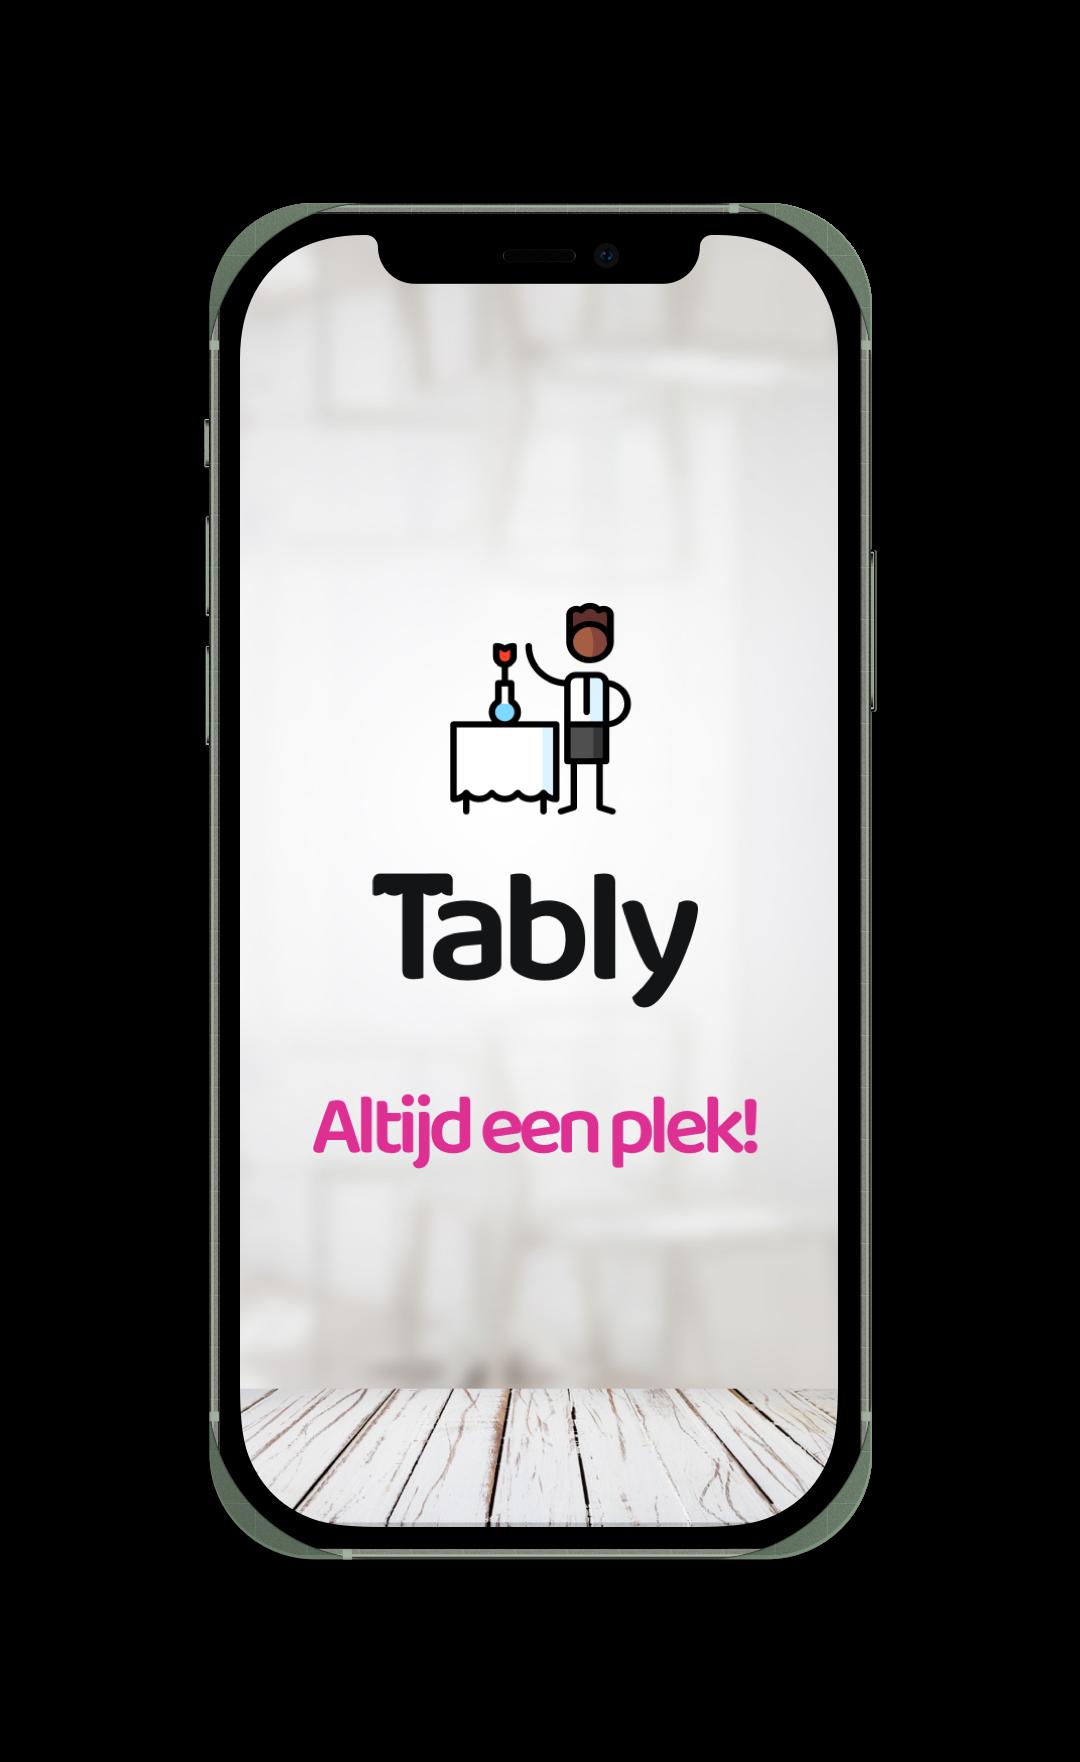 Tably - Altijd een plek